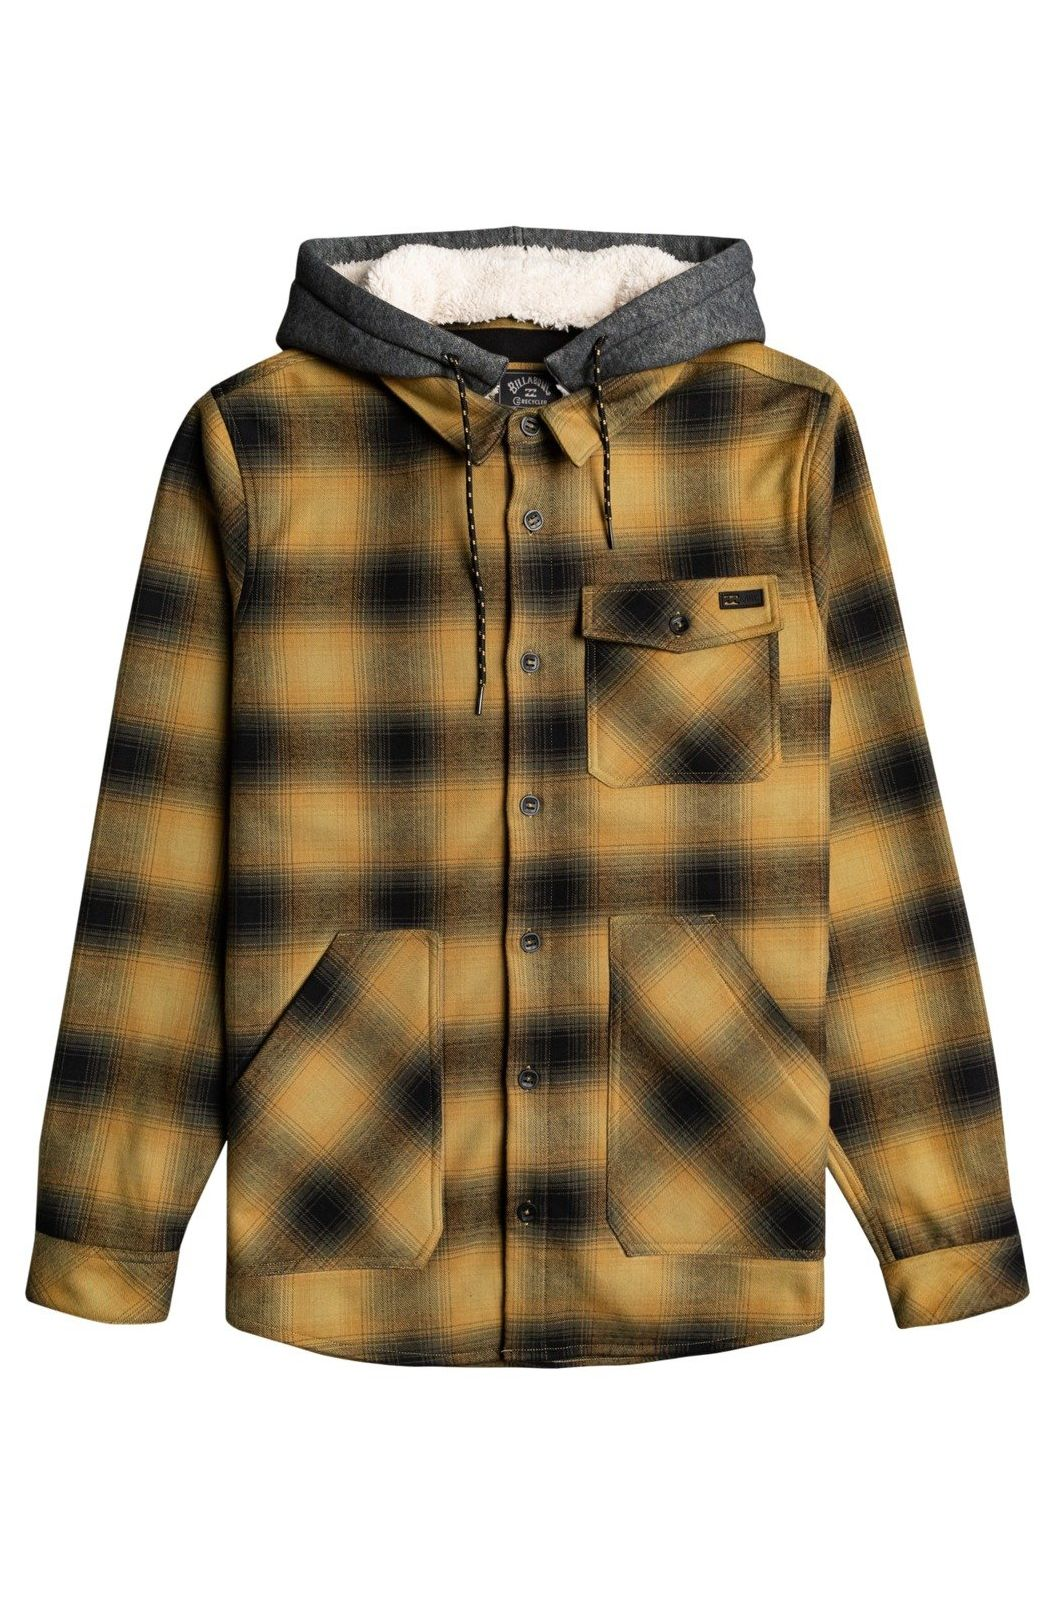 Camisa Billabong FURNACE BONDED FLANN ADVENTURE DIVISION Dark Olive